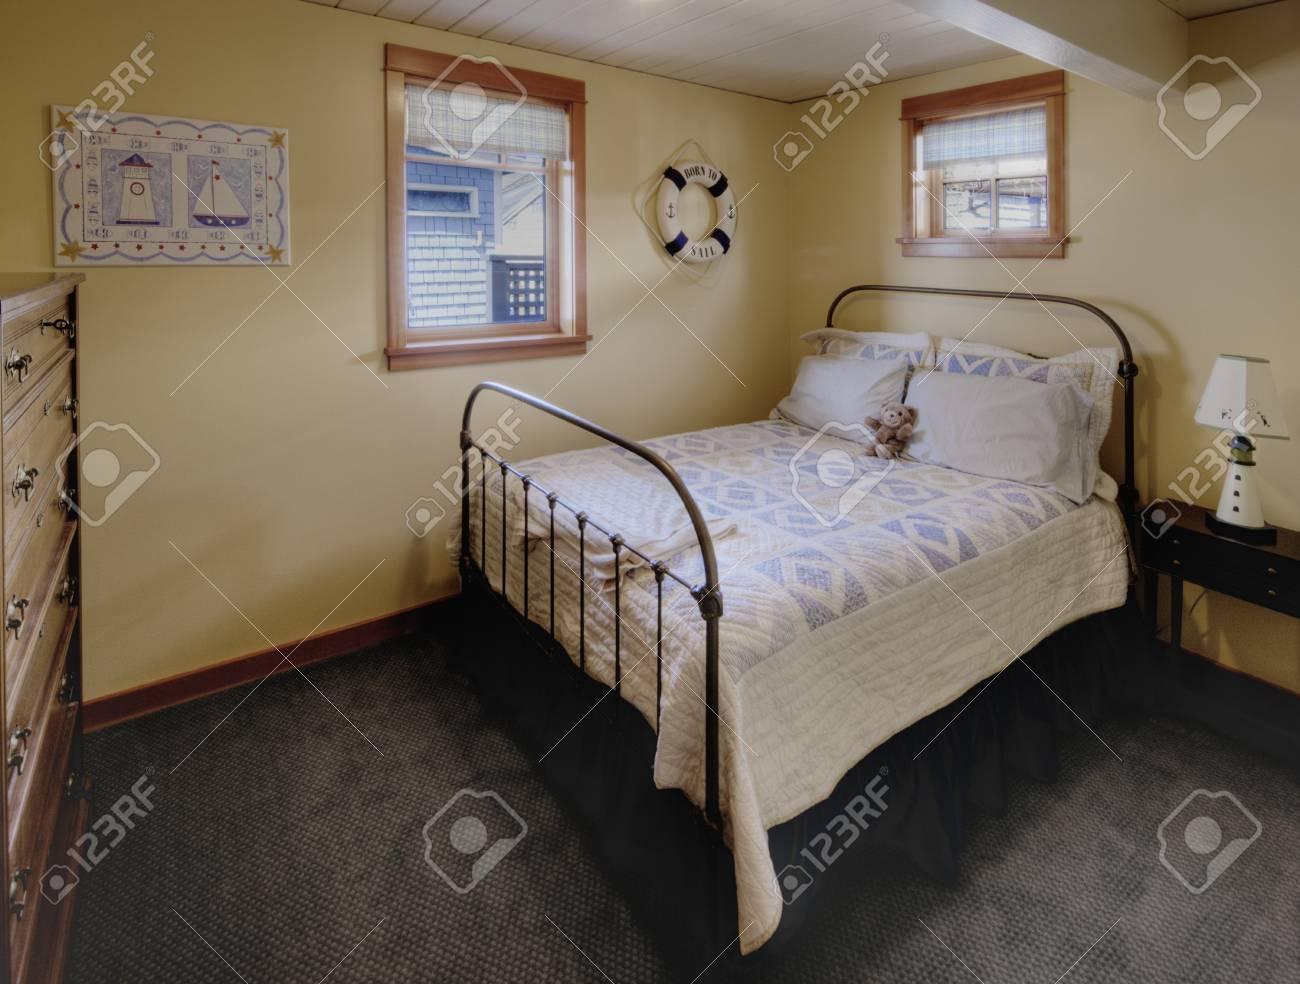 Dressoir Voor Slaapkamer : Bed en een dressoir in de slaapkamer royalty vrije foto plaatjes